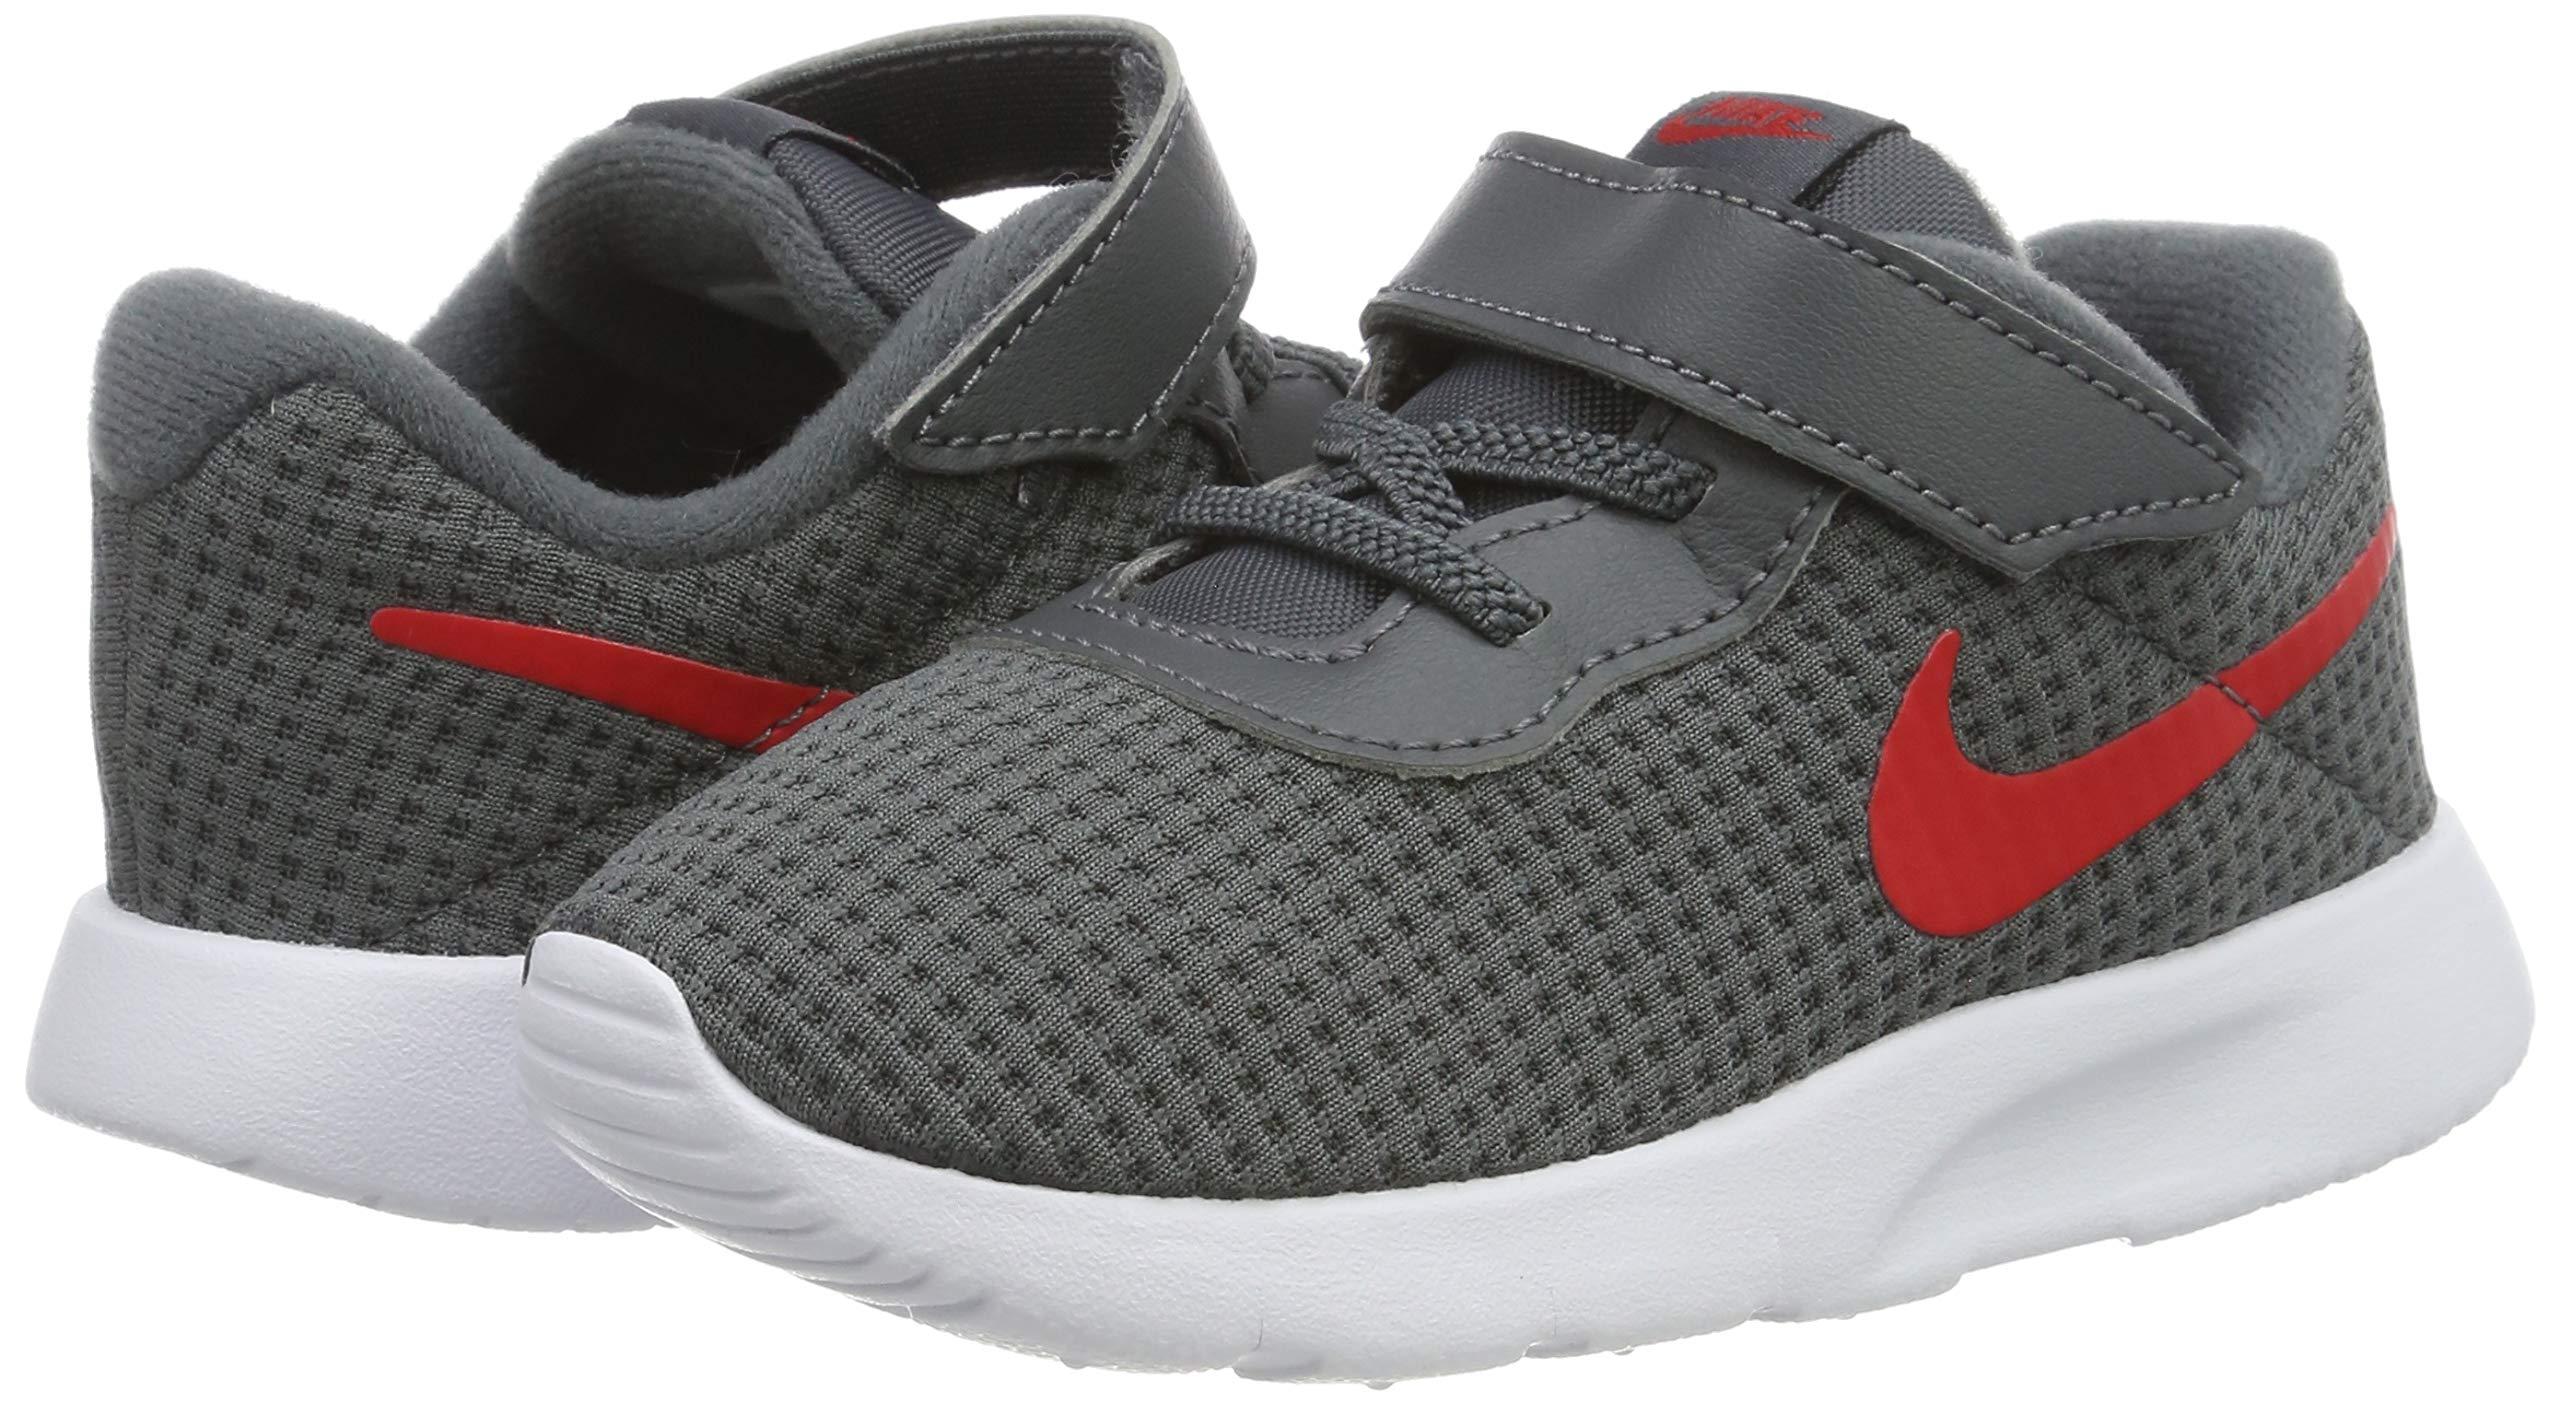 Nike Kid's Tanjun Running Shoe (7 M US Toddler, Dark Grey/University Red/White) by Nike (Image #5)